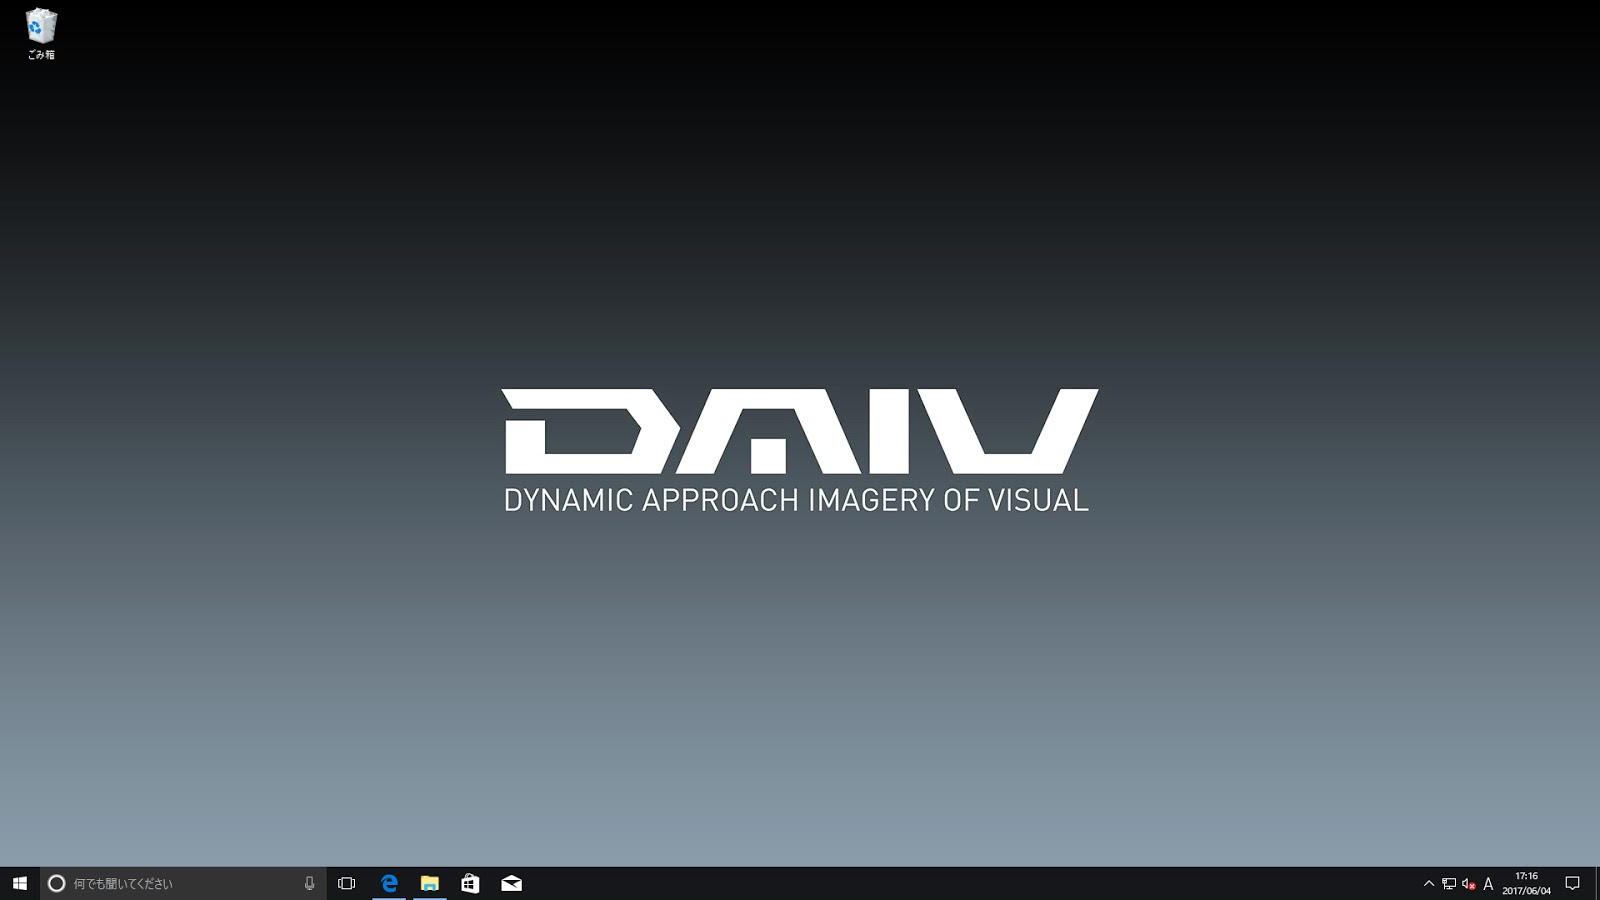 とくみつ録 Quadro P4000 搭載 クリエイター エンジニア向けデスクトップpc Daiv をお借りしました